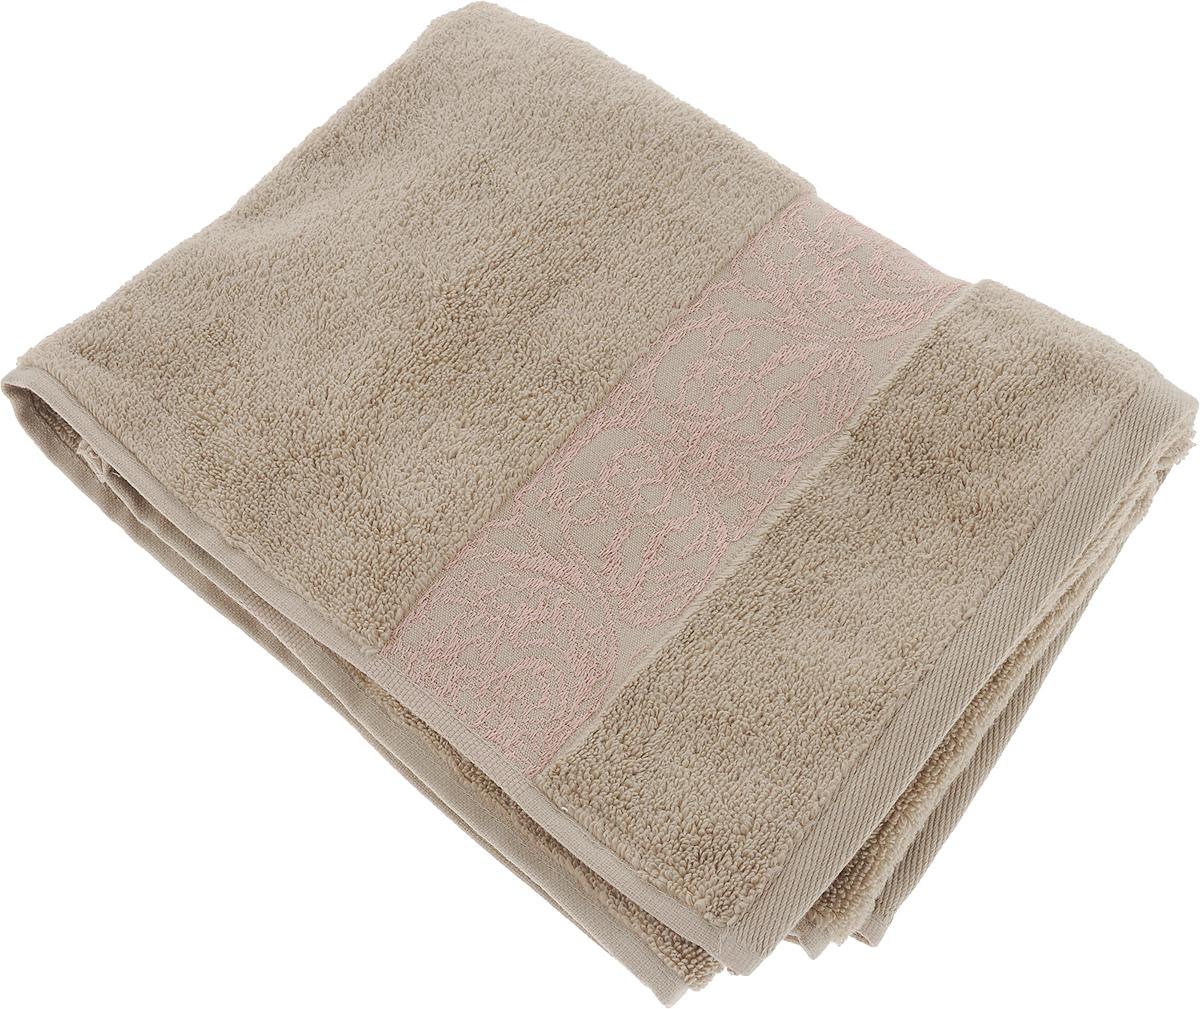 Полотенце Arya Jewel, цвет: коричневый, 50 x 90 смTR1002164_КоричневыйТурецкое полотенце от компании Ария из махры .Компания Arya является признанным турецким лидером на рынке постельных принадлежностей и текстиля для дома. Поэтому Вы можете быть уверены, что приобретенные текстильные изделия доставит Вам и Вашим близким удовольствие